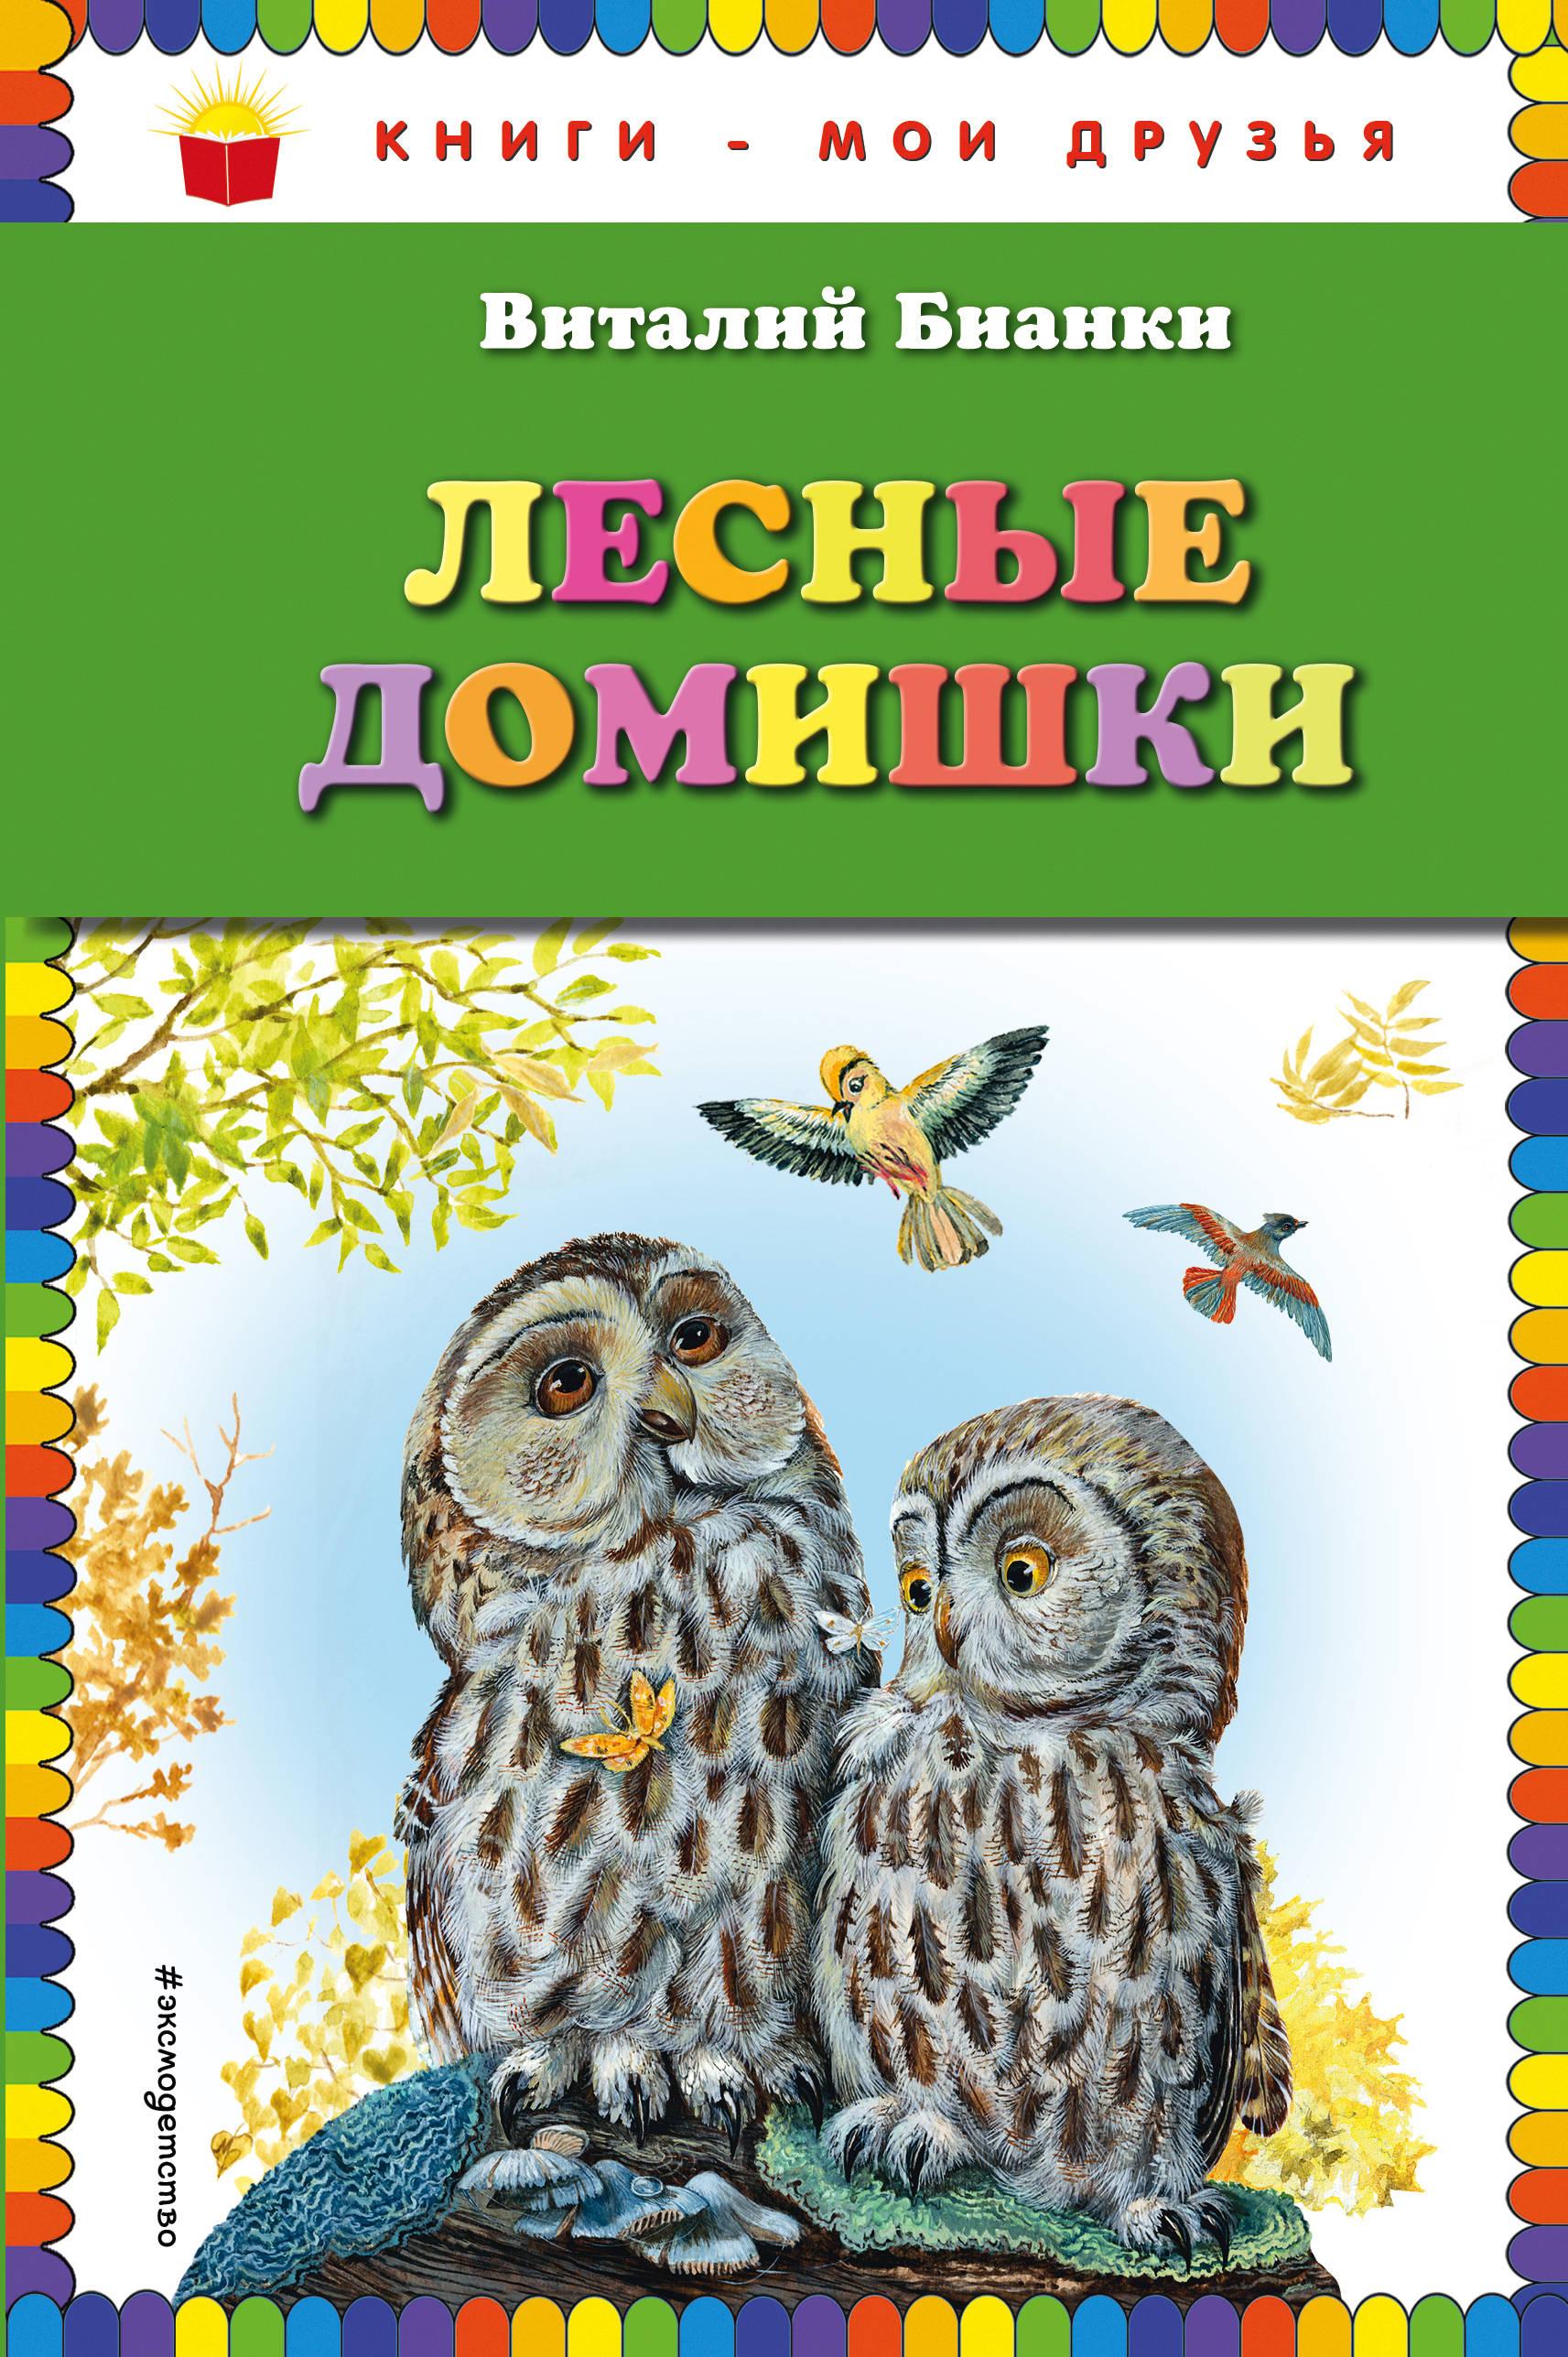 Виталий Бианки Лесные домишки школа в лесу для птиц и зверей 3 книга третья